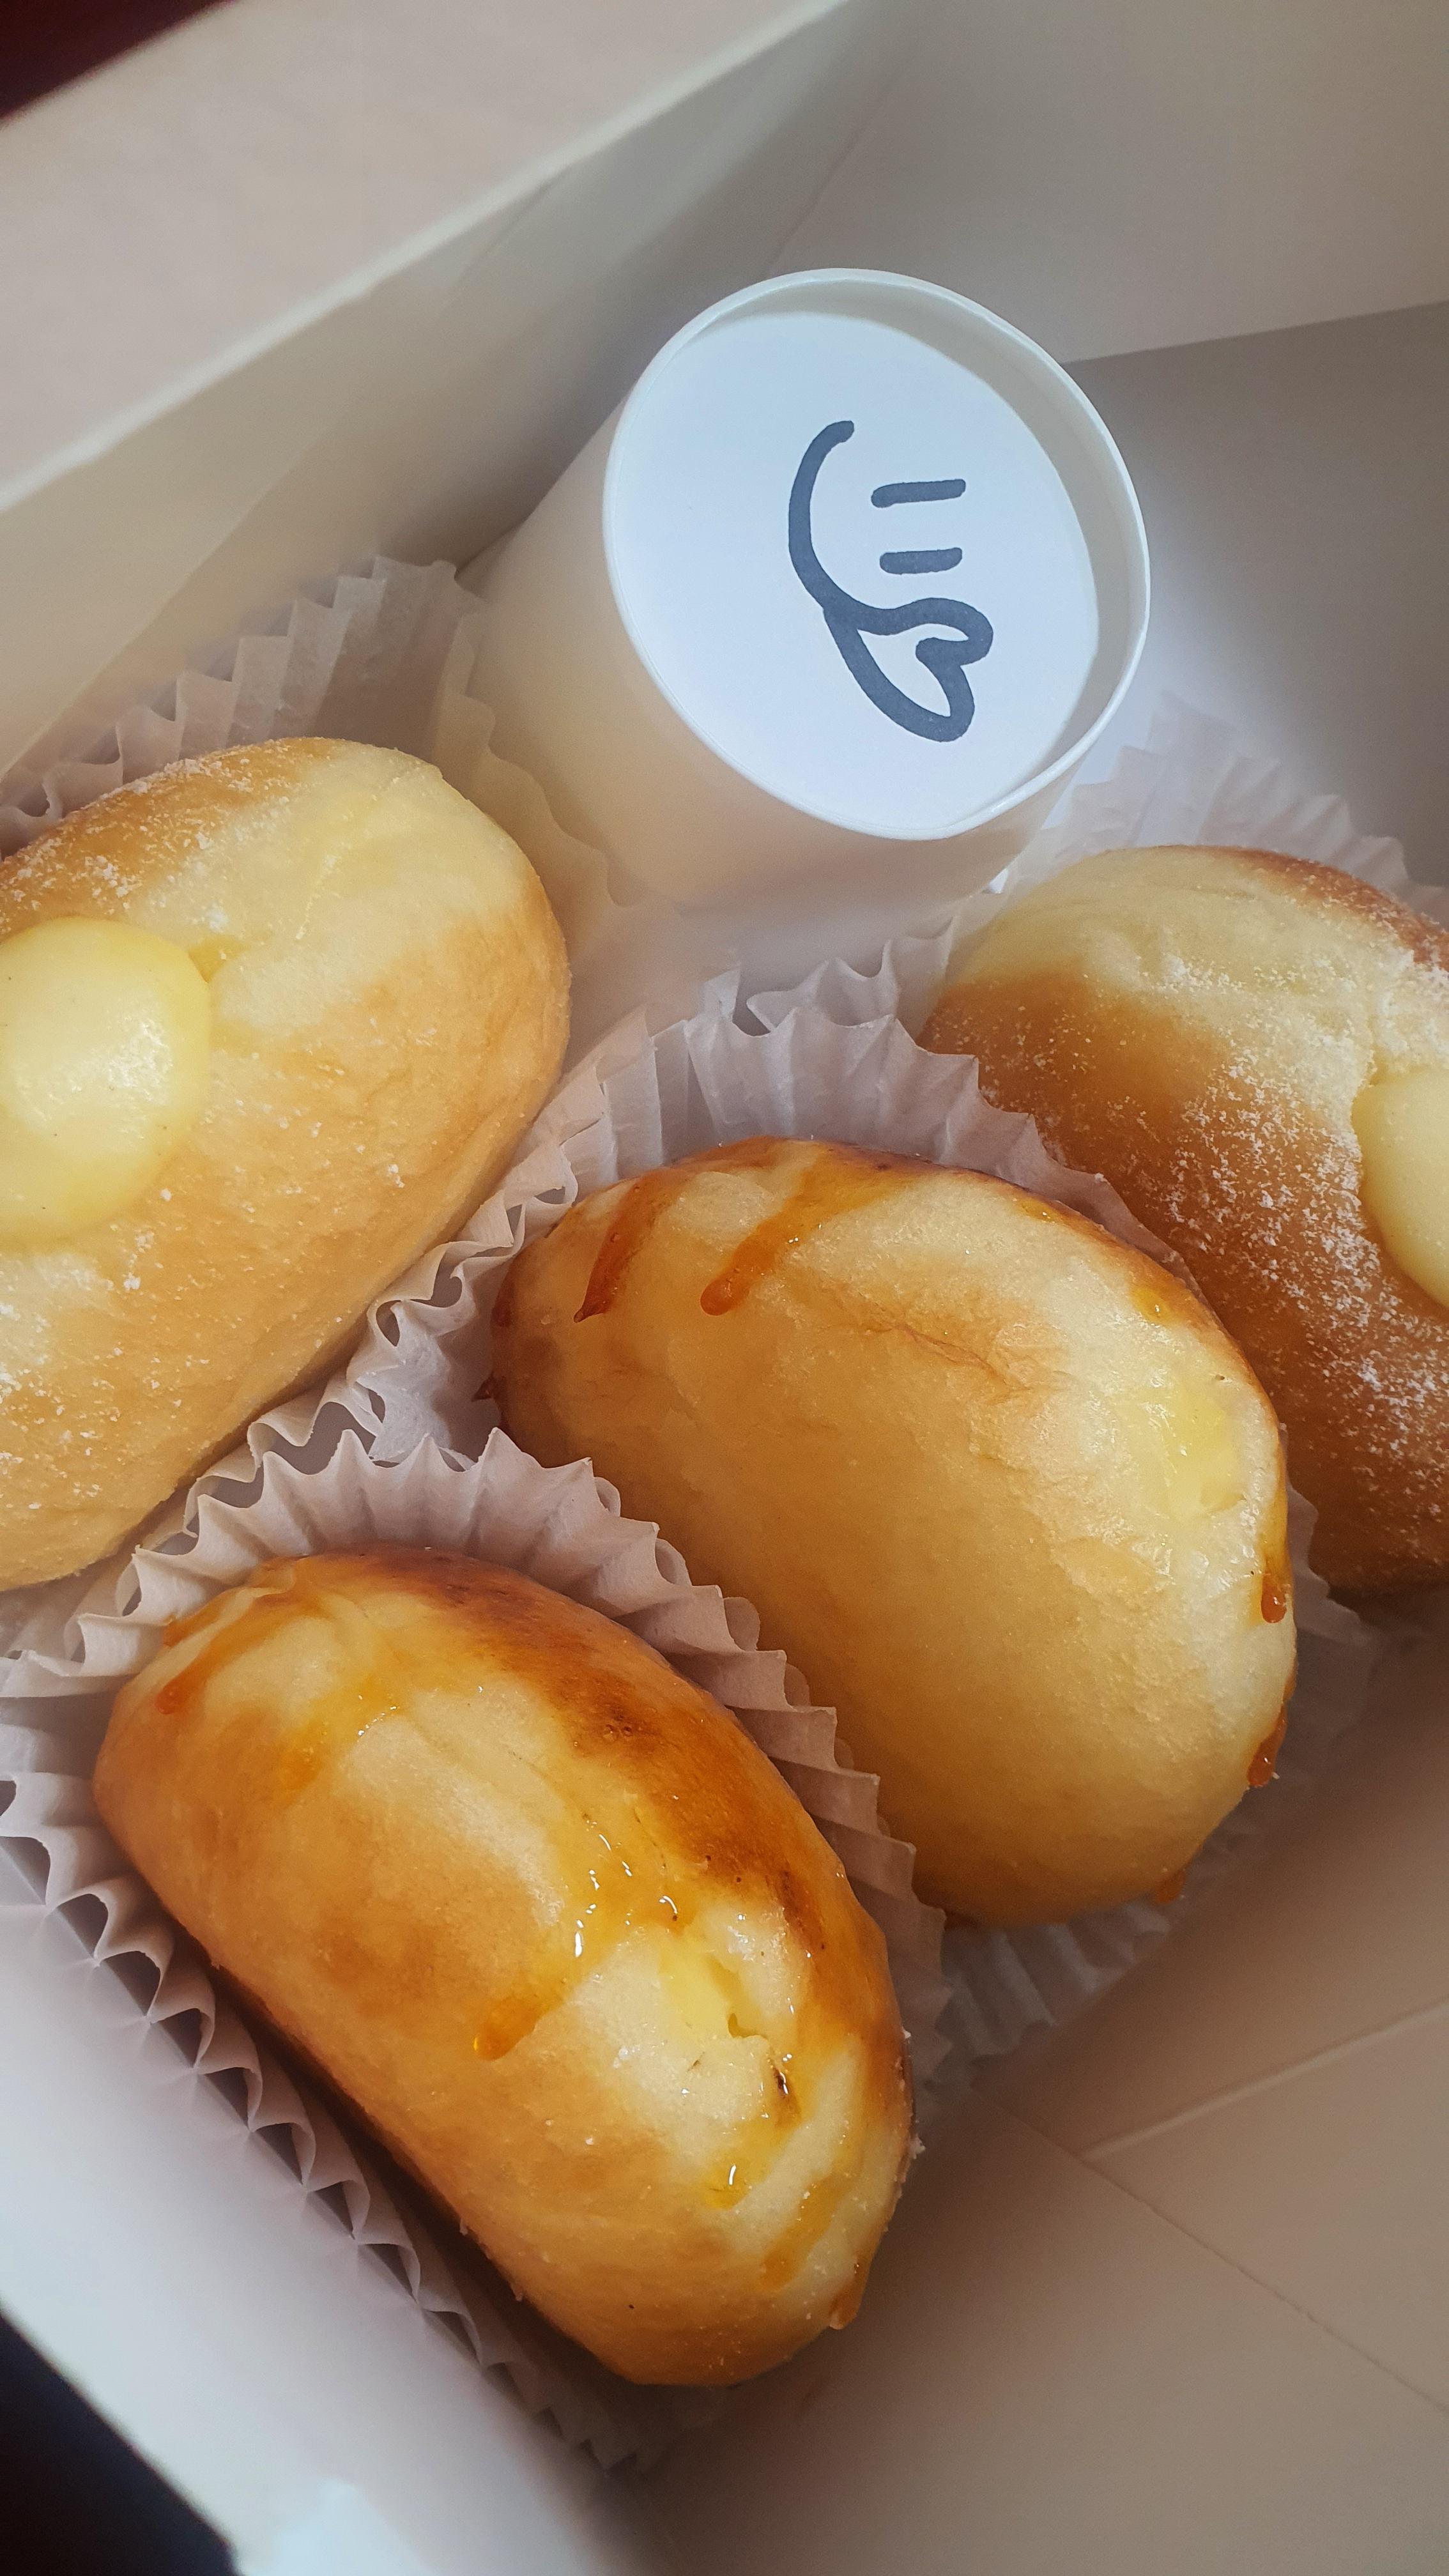 부산-디저트-도넛-카페-롬브